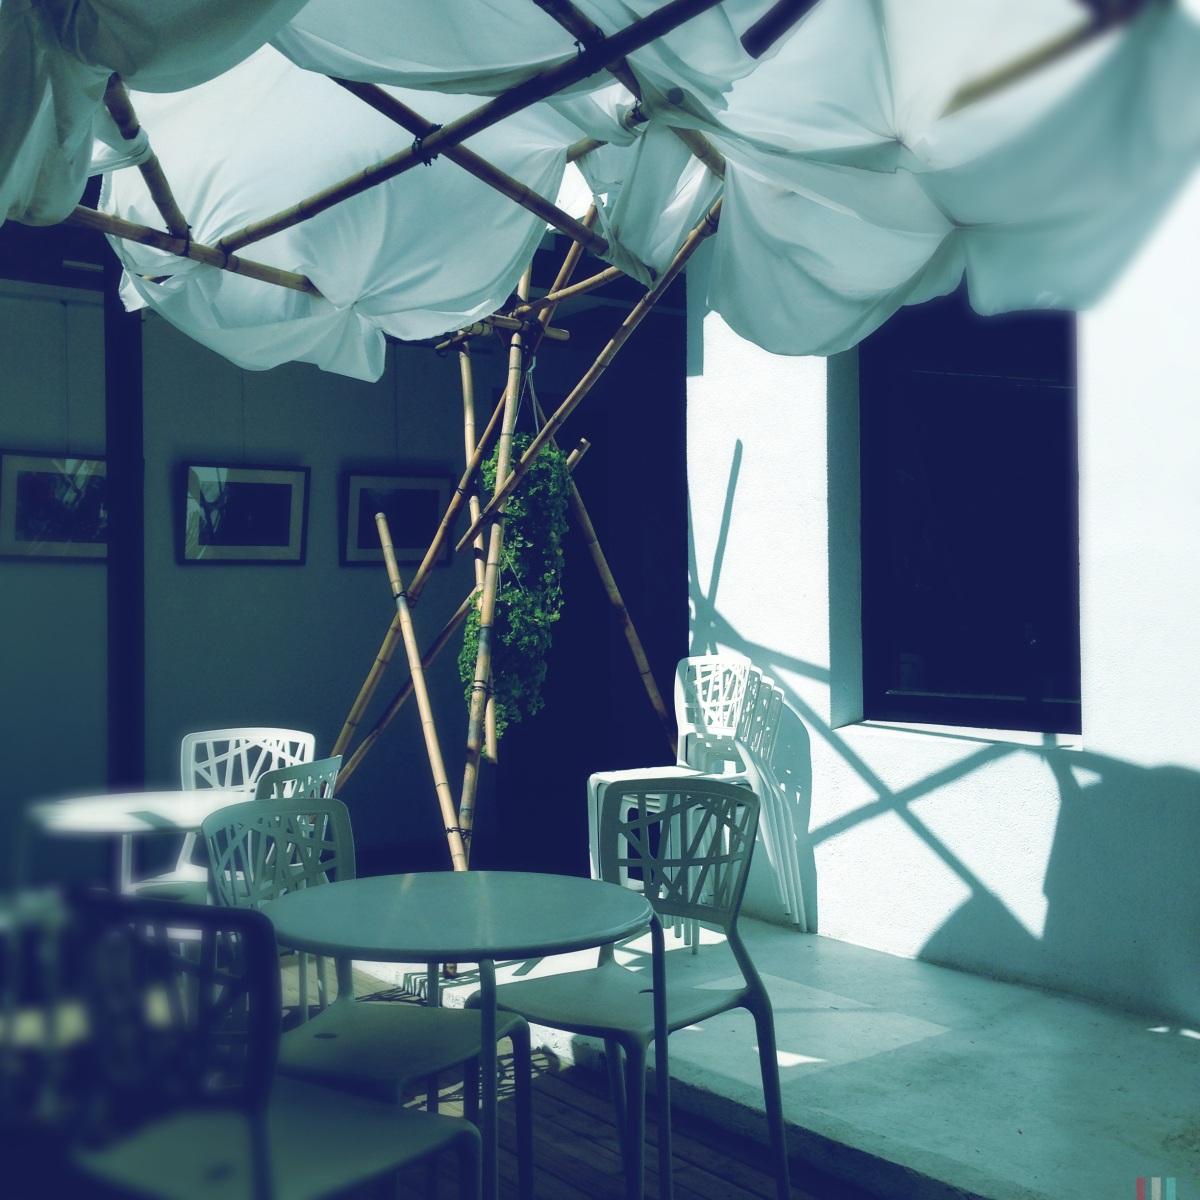 民宿與藝術空間的結合 - 八又二分之一,台南市 8